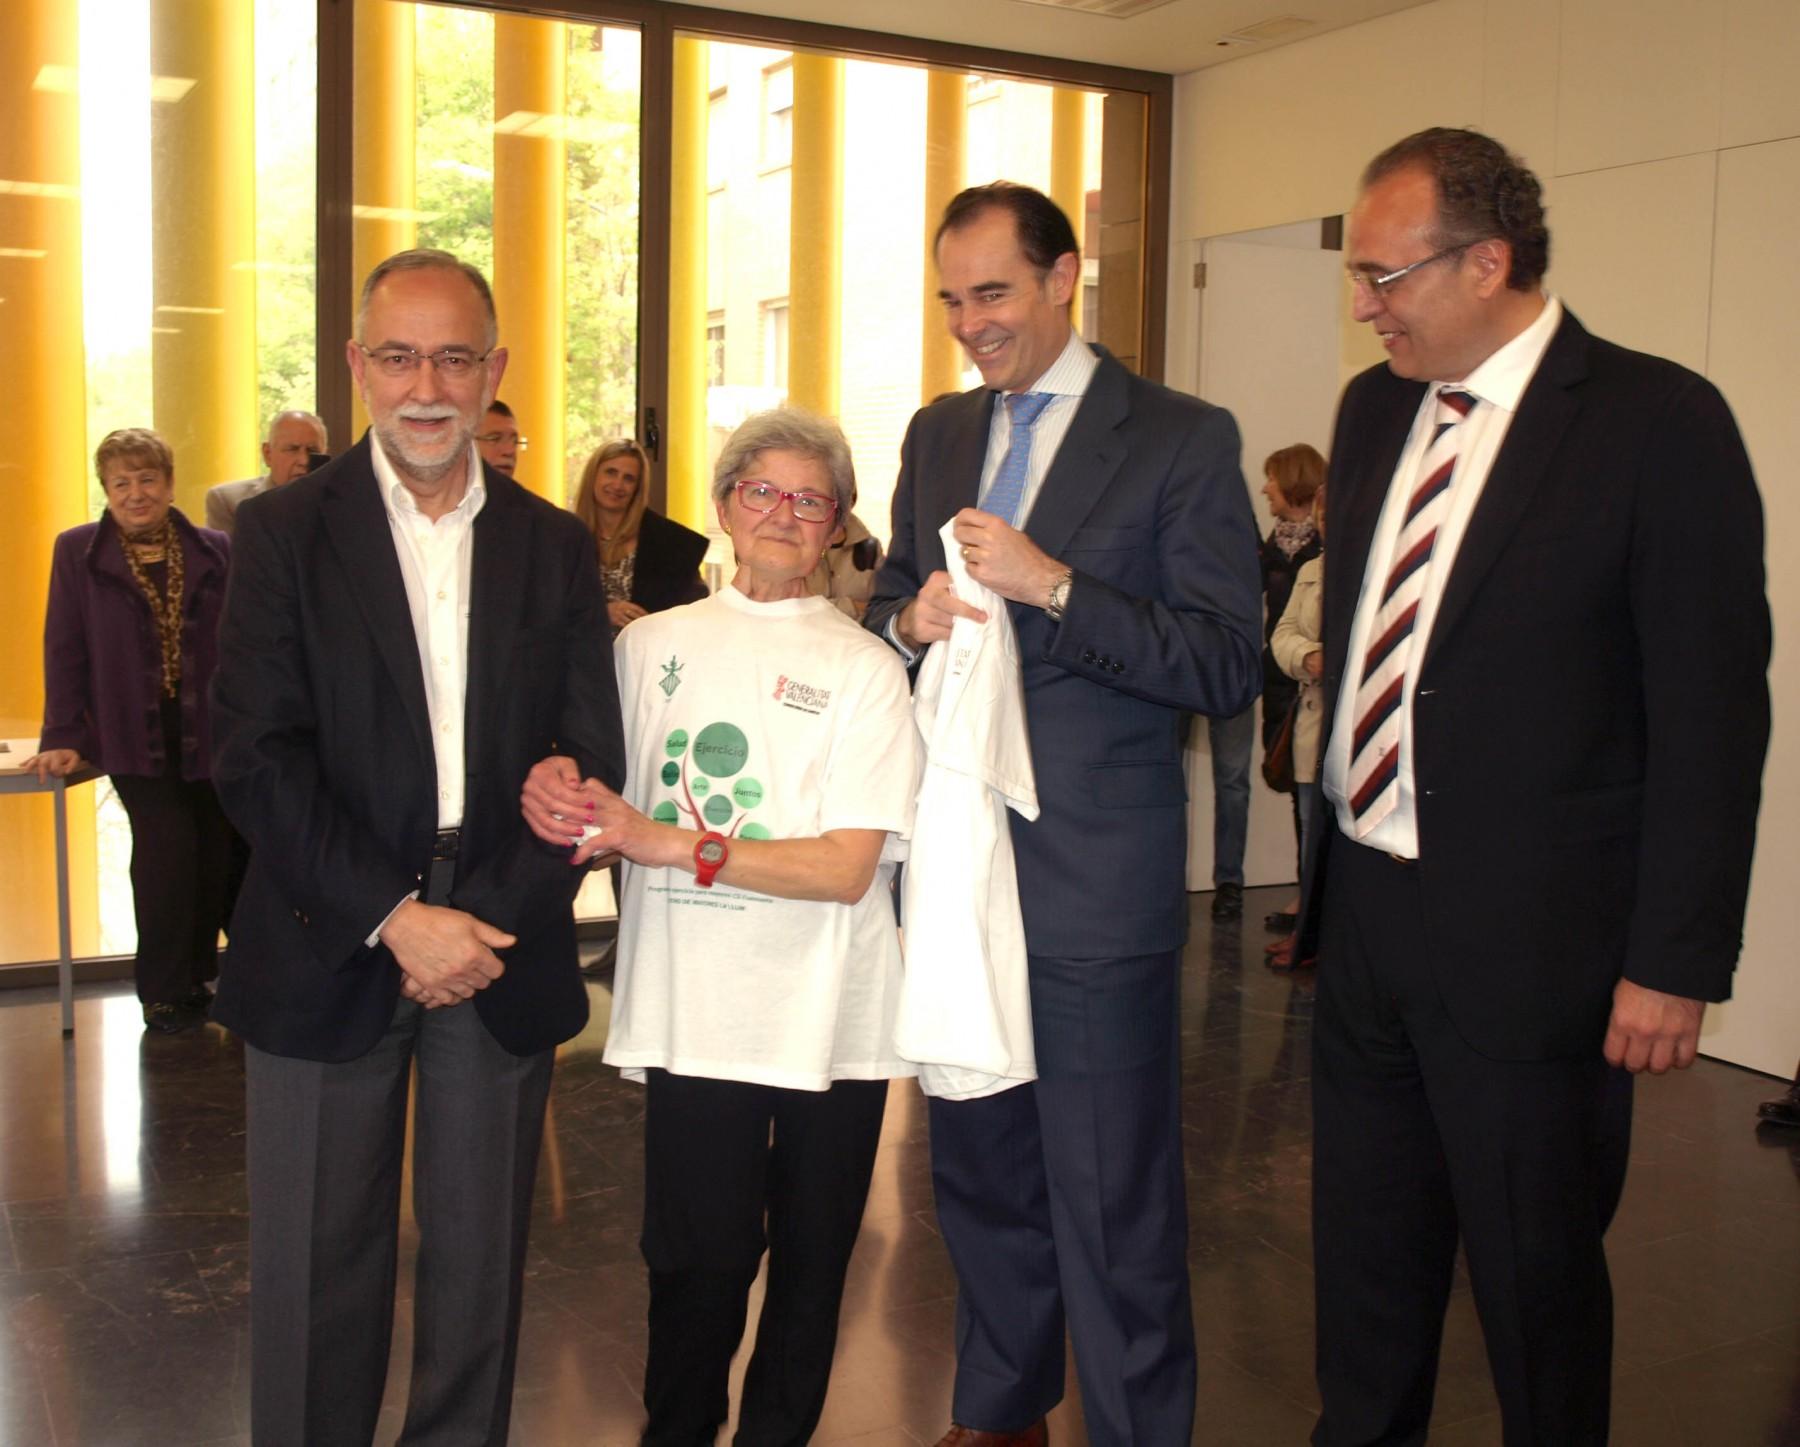 Francisco Anton, Amparo Munoz, Manuel Llombart y Sergio Blasco